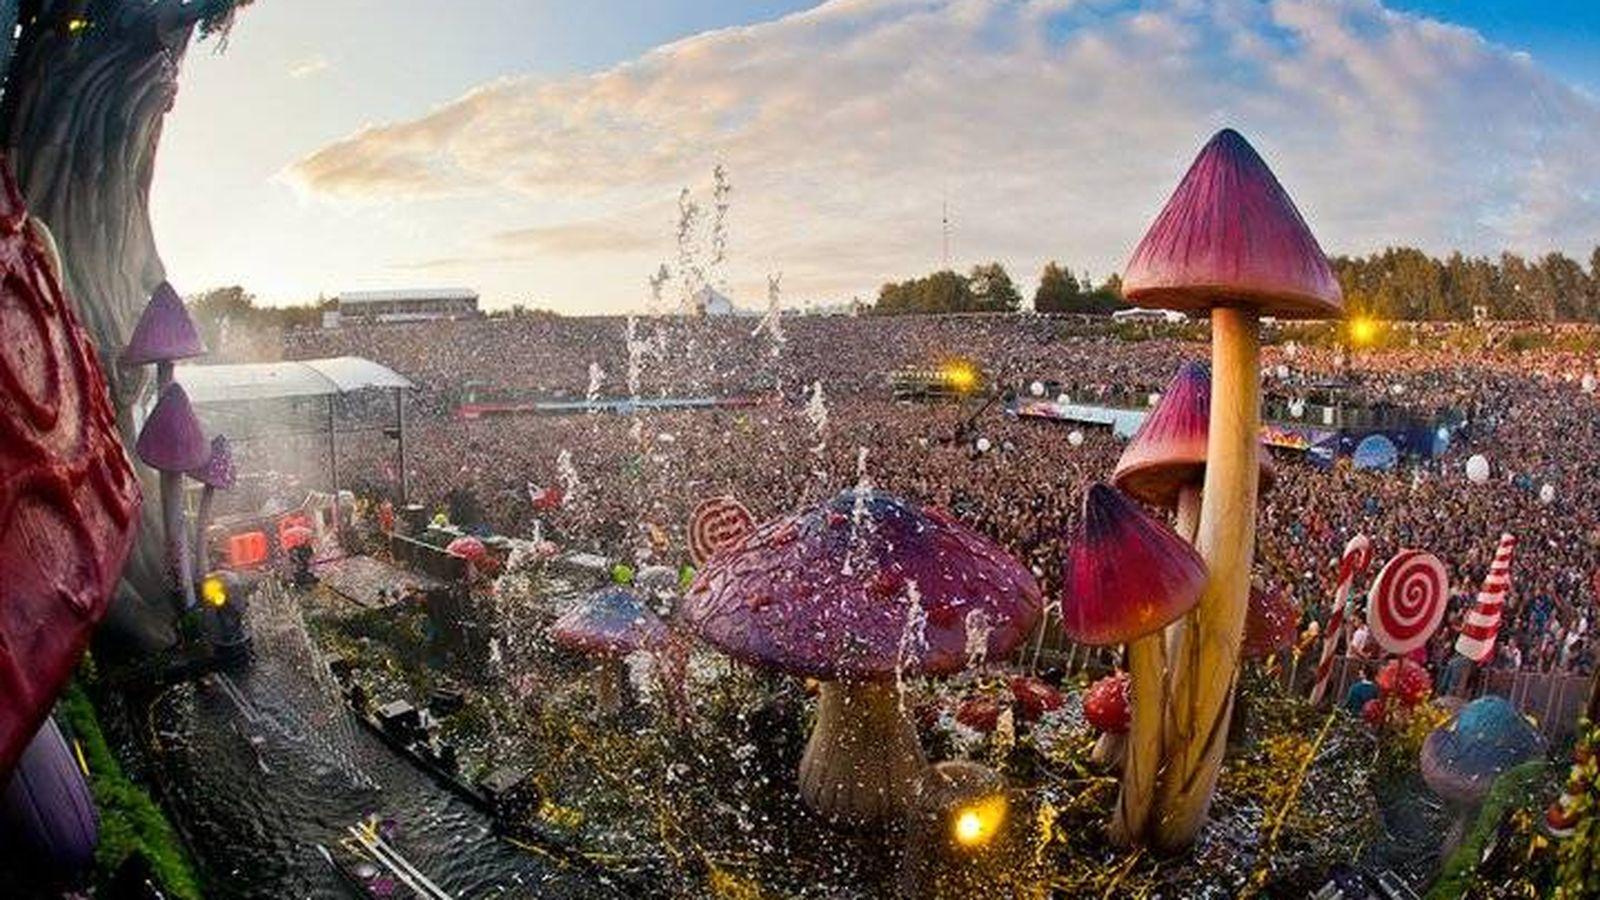 Foto: La música electrónica aglutina a más de 300.000 espectadores en el festival Tomorrowland, celebrado en Flandes. (Foto: Kevin Verkruijssen)